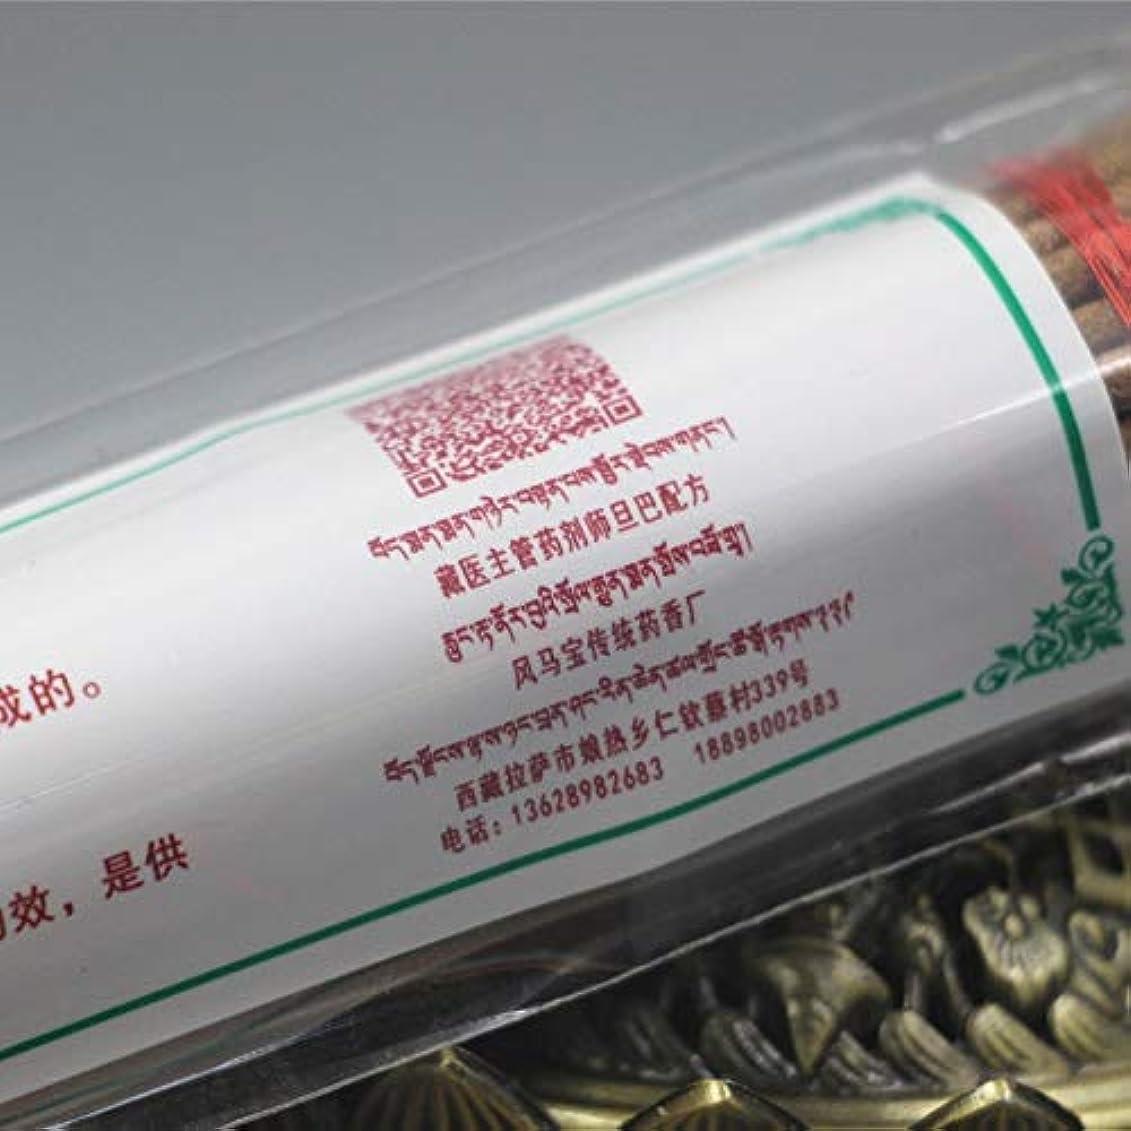 ブース鏡初期Diatems - 沈香の宝物チベットのお香チベット手作りの純粋な植物自然医学の香りの家の38人のフレーバーがスリープアロマ香の助けを落ち着かせます